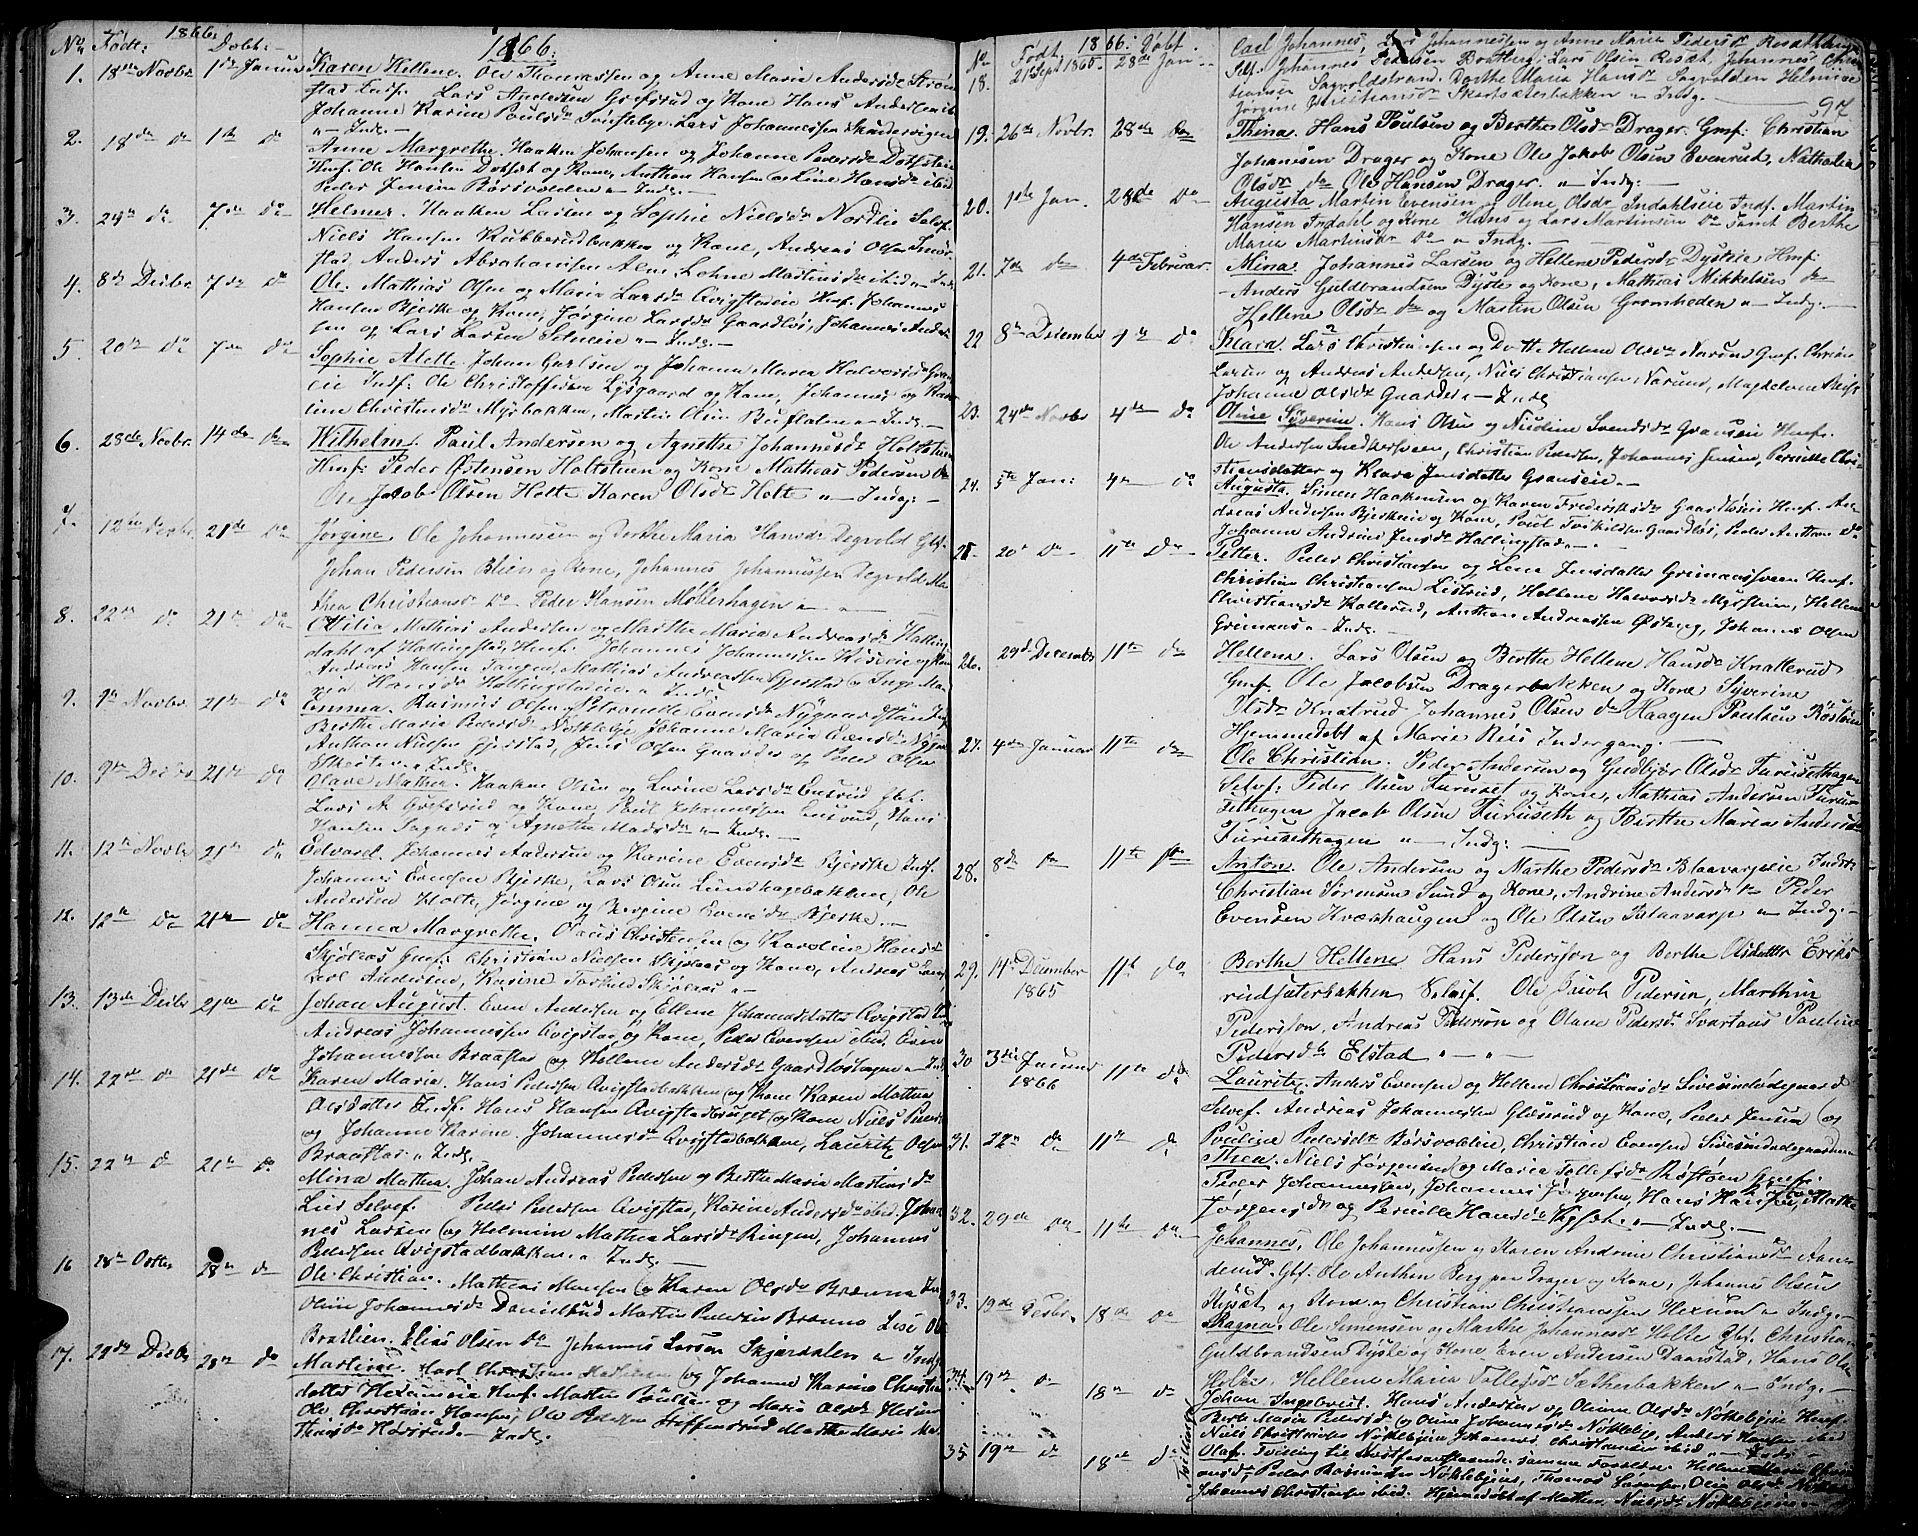 SAH, Vestre Toten prestekontor, H/Ha/Hab/L0005: Klokkerbok nr. 5, 1854-1870, s. 97